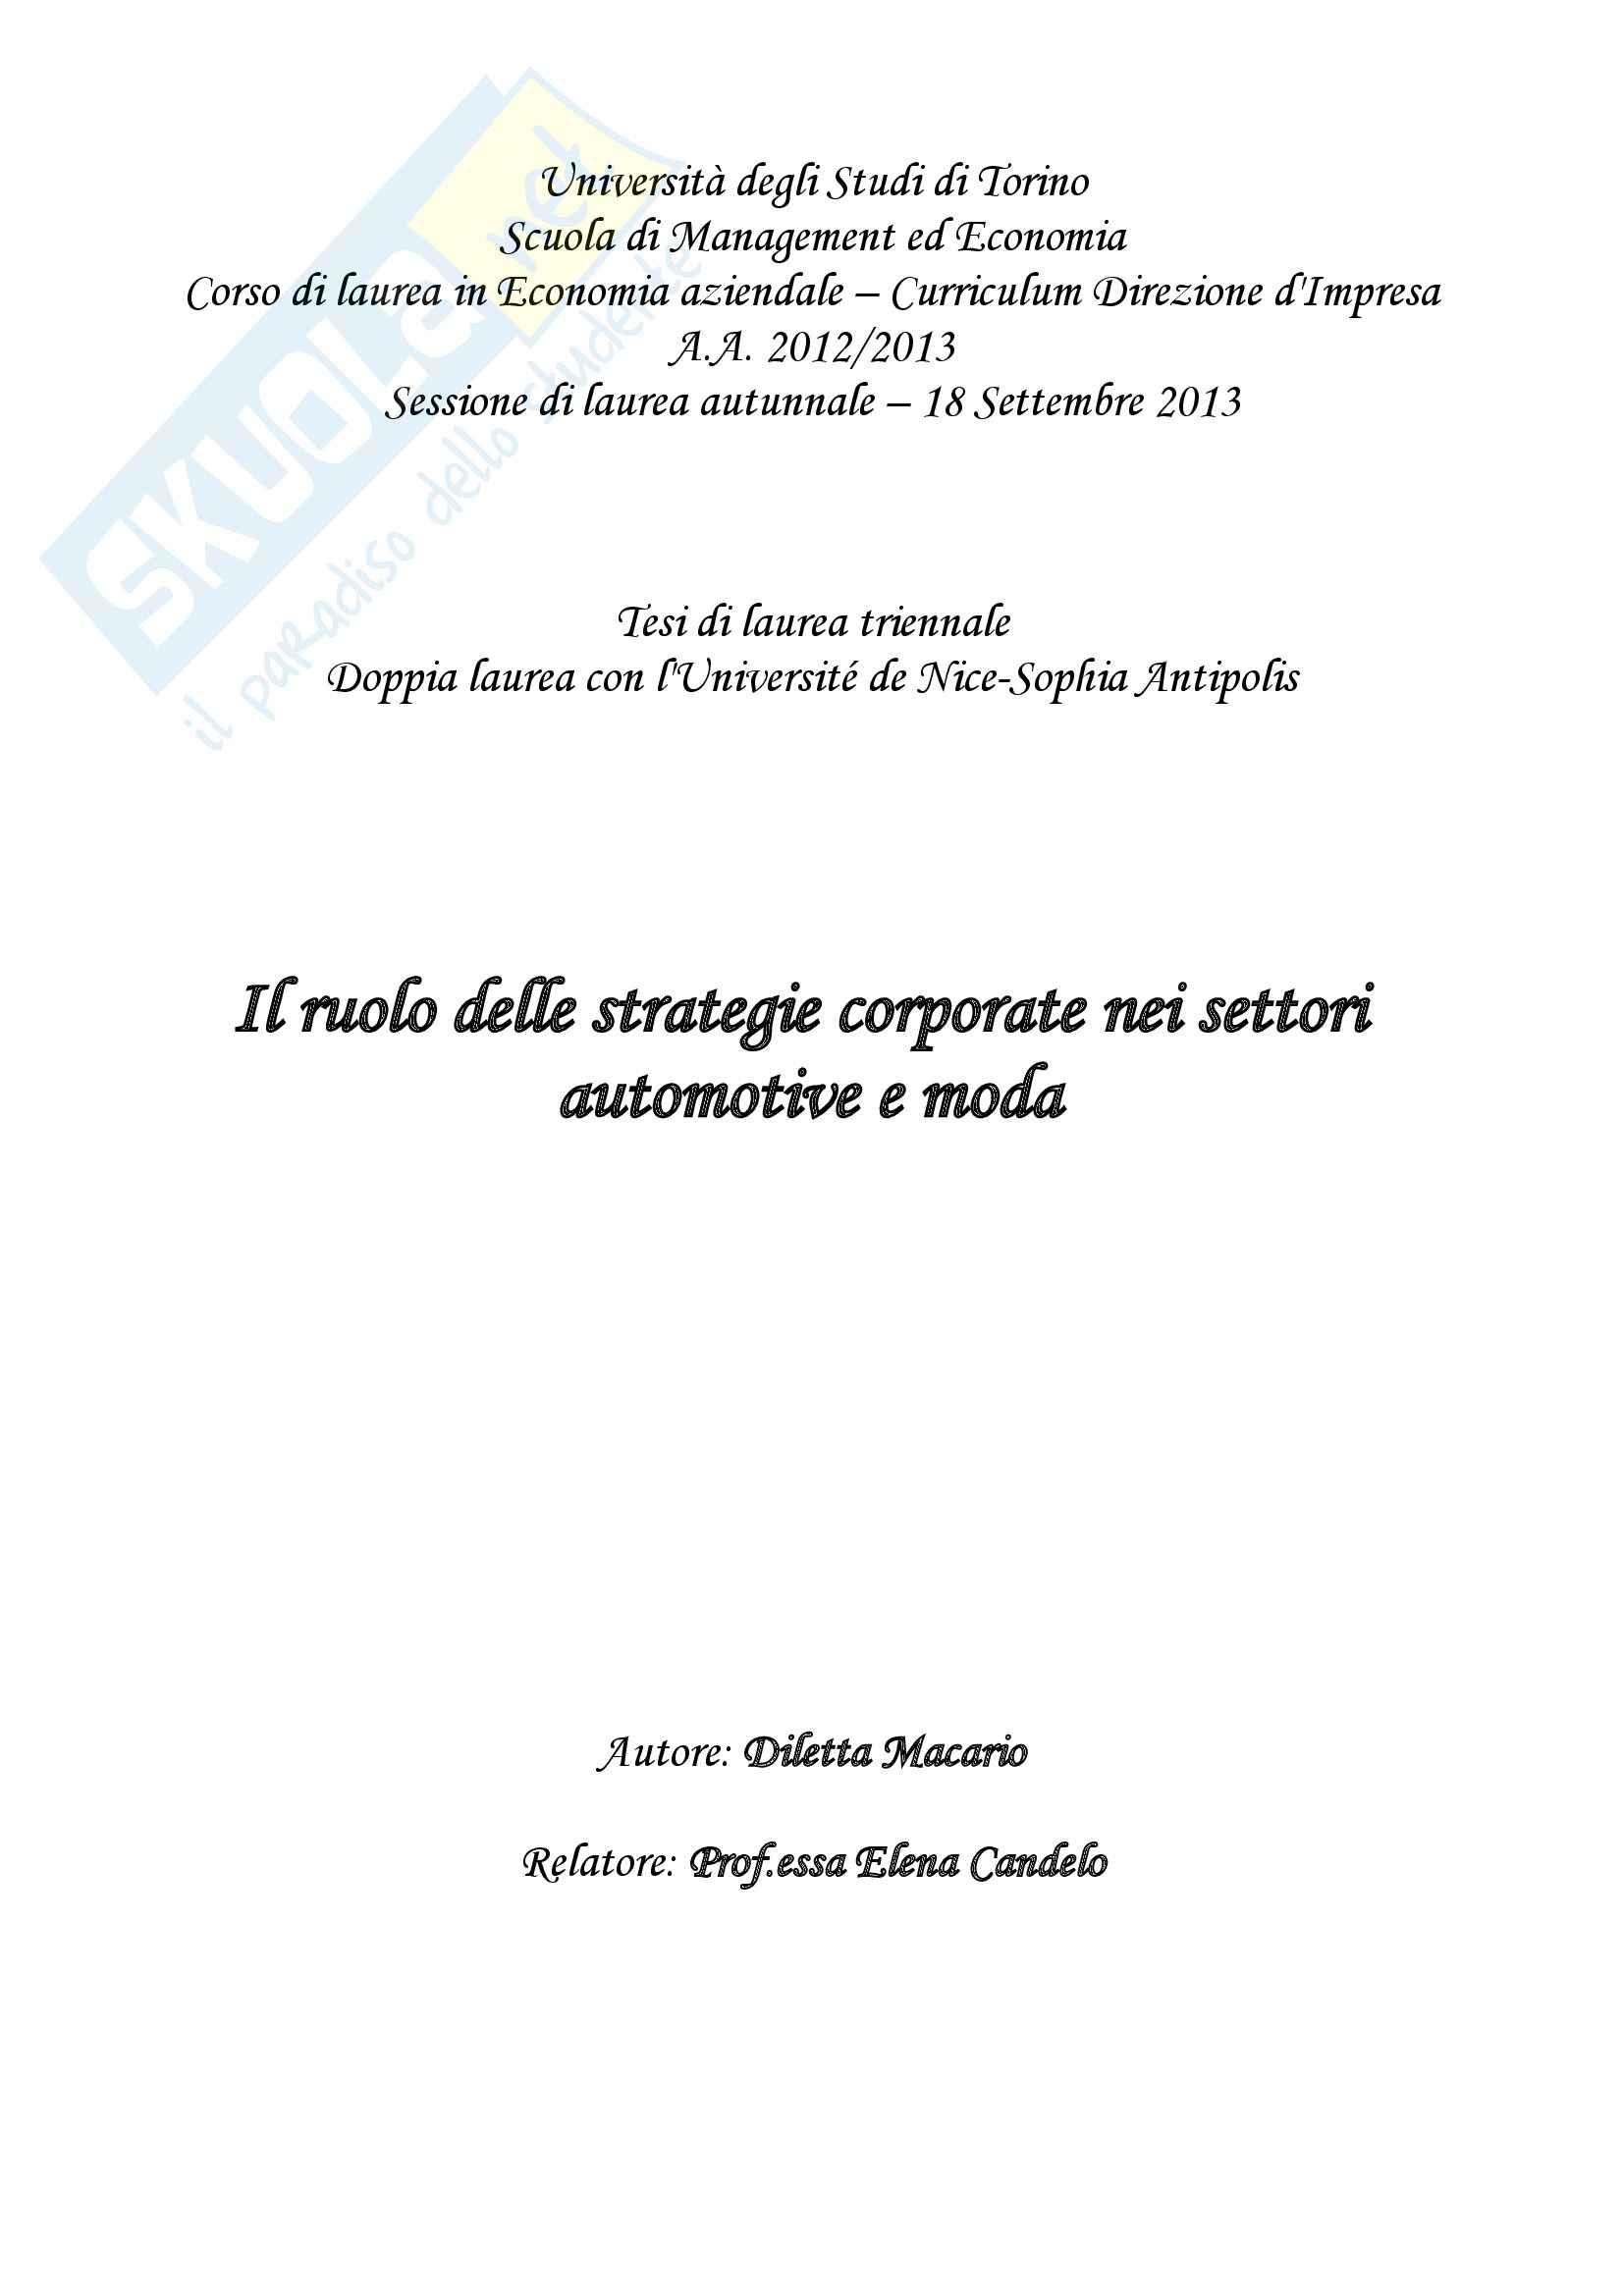 Tesi, Il ruolo delle strategie corporate nei settori automotive e moda